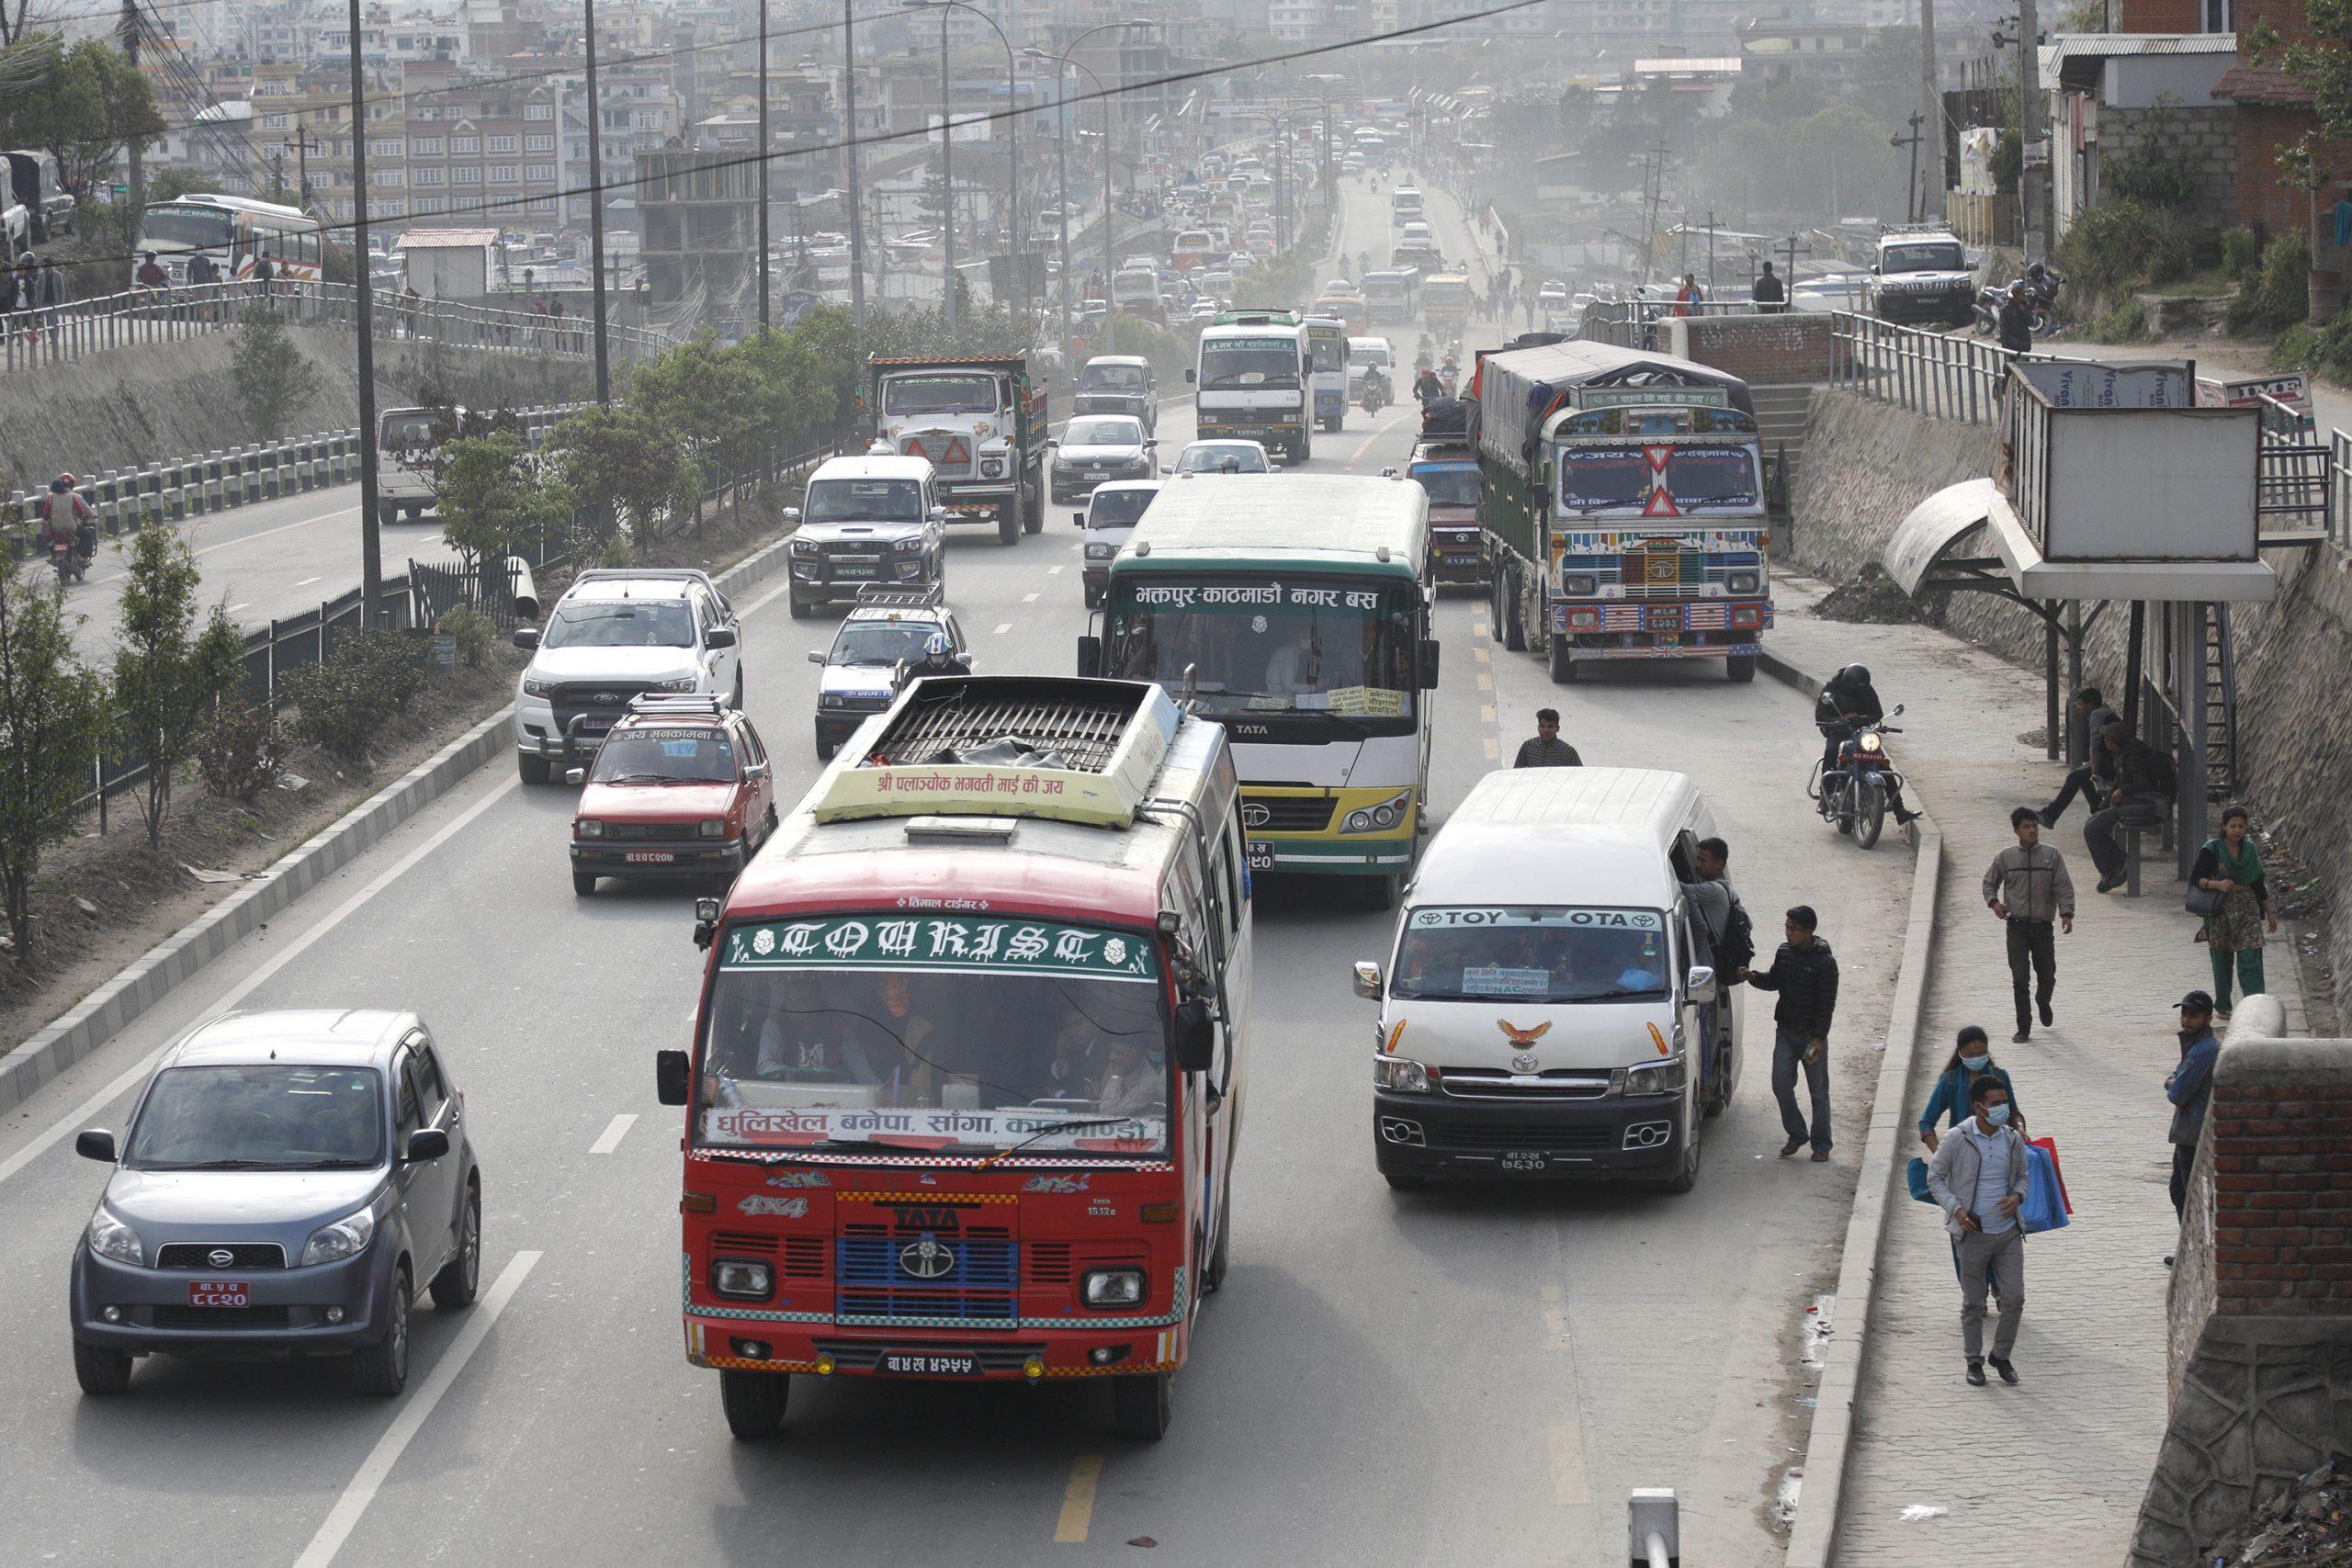 सार्वजनिक यातायात संचालन निर्देशिका जारी माक्स र सेनीटाईजर अनिवार्य